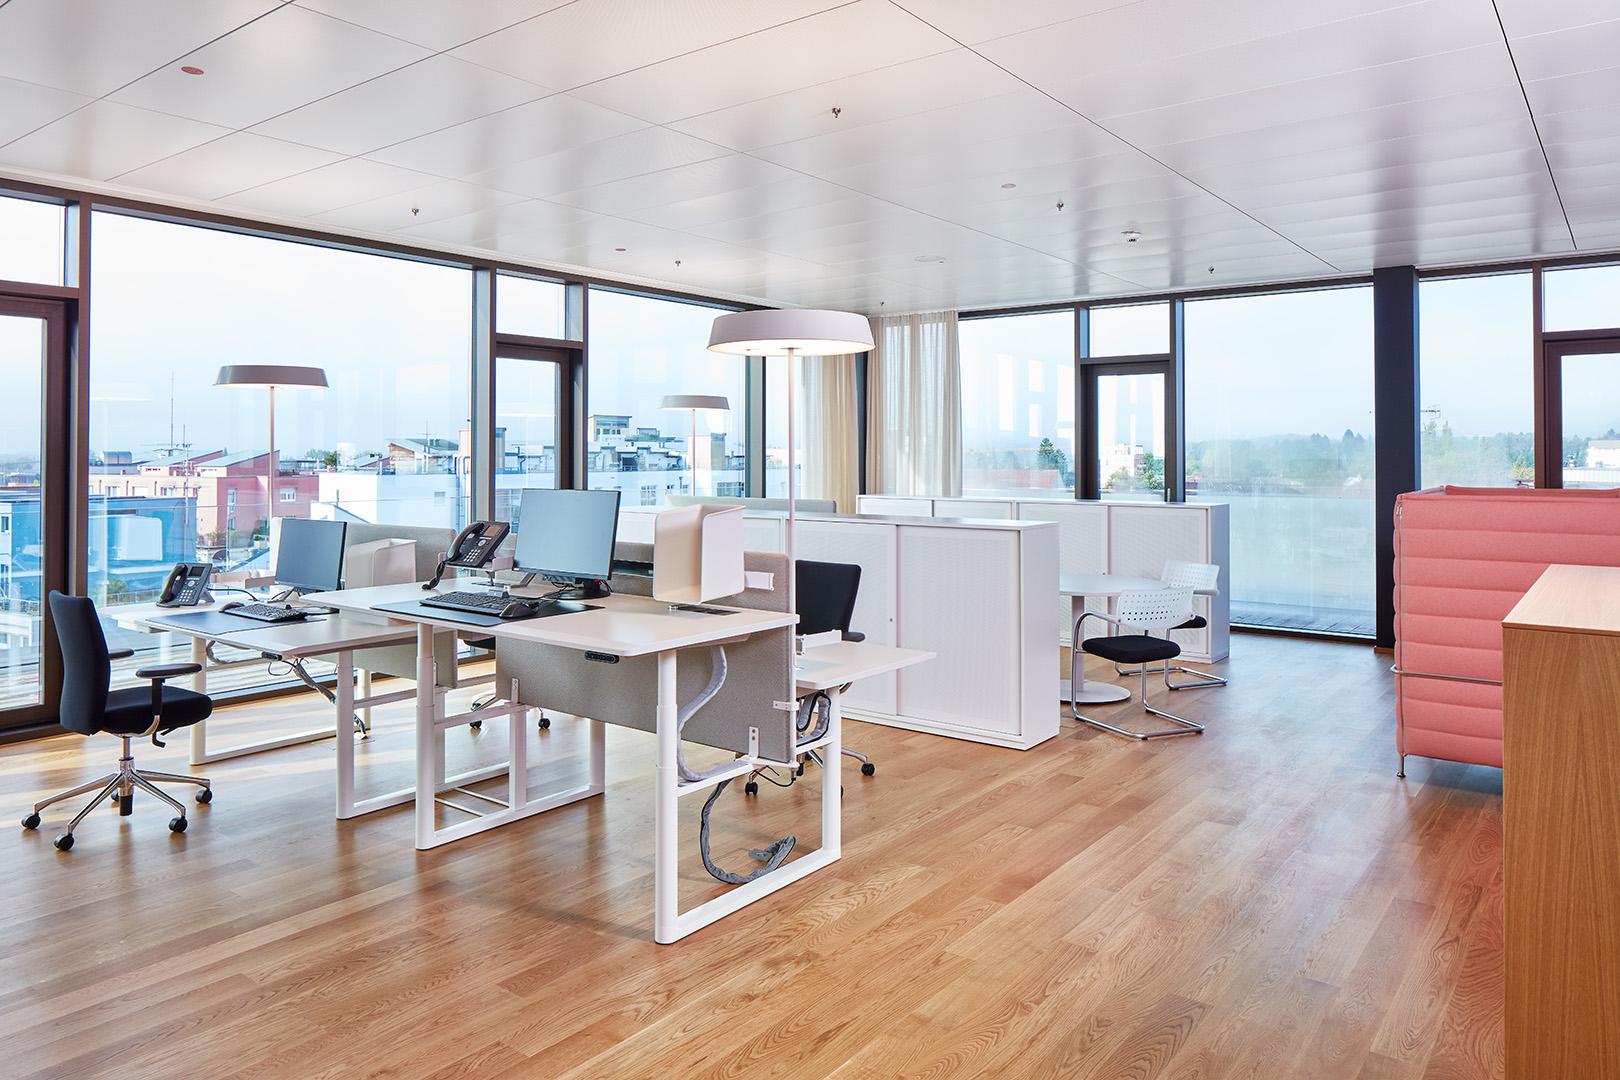 Moderne Arbeitsplatz-Gestaltung mit verschiedenen Zonen